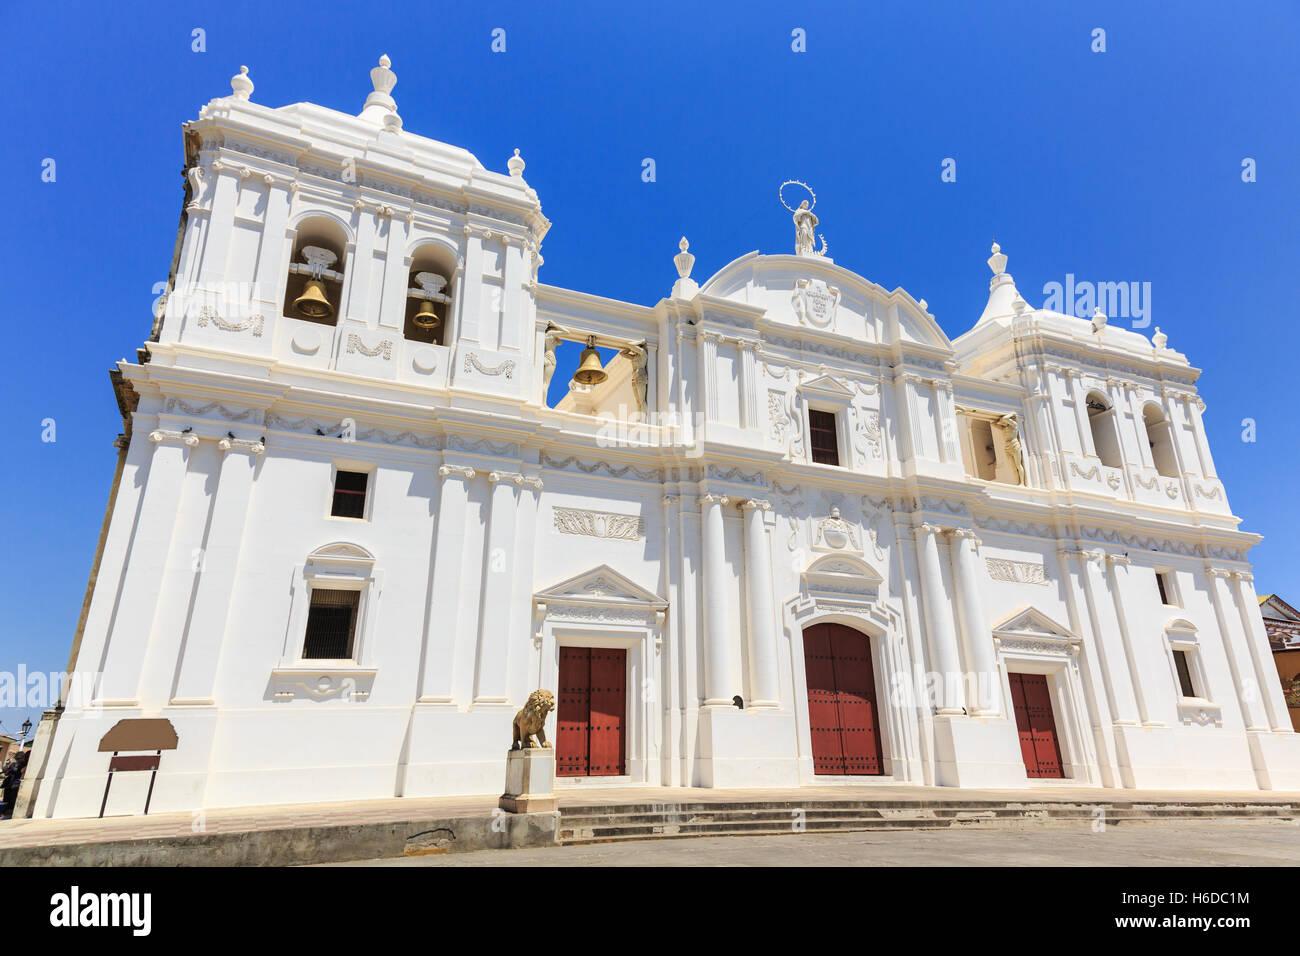 Leon, Nicaragua. Catedral de la Ascunción de María (Mary's Assumption Cathedral) Stock Photo